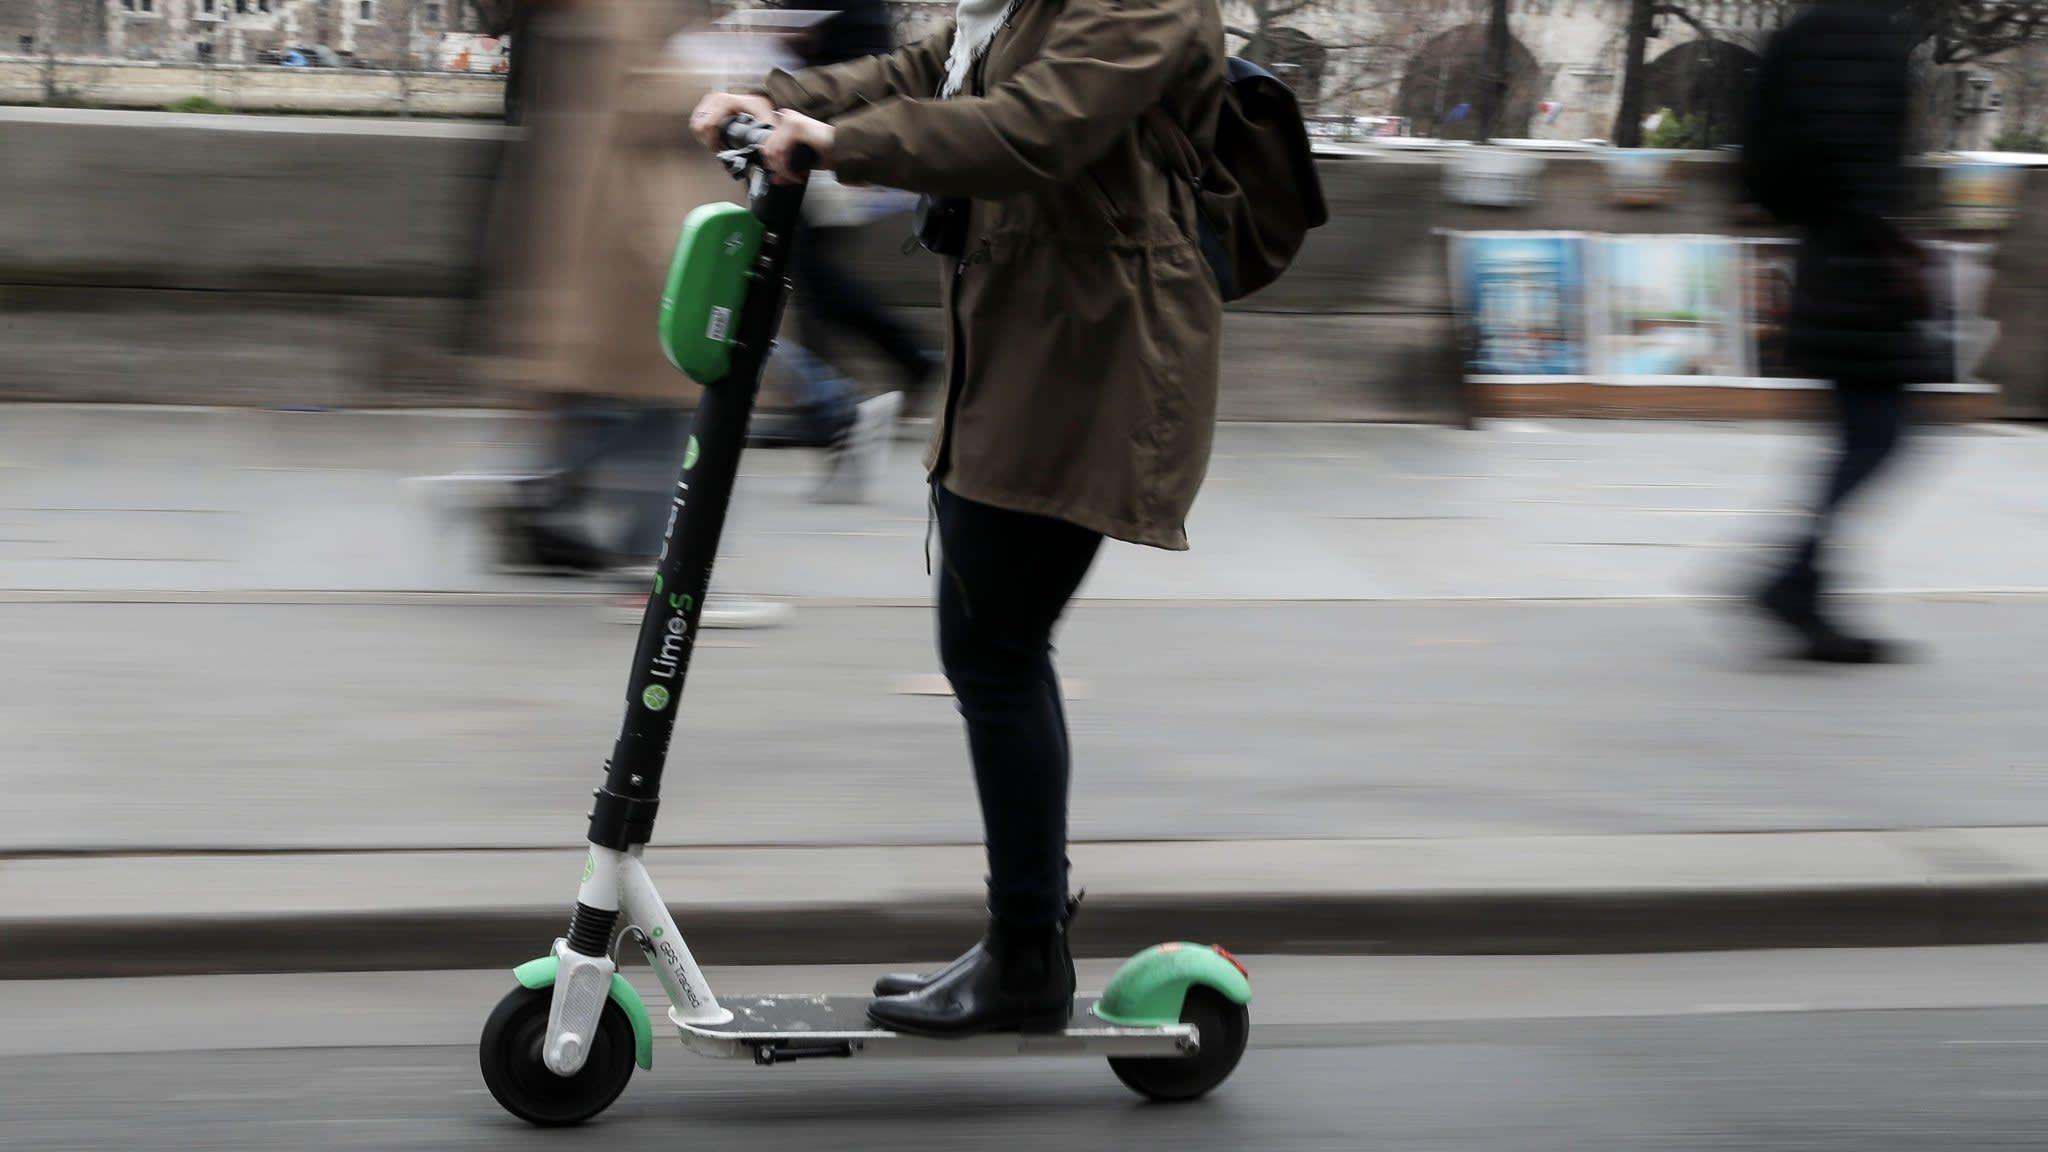 انتاریو؛ اسکوترهای برقی از امسال در خیابانهای شهرها مجاز میشود